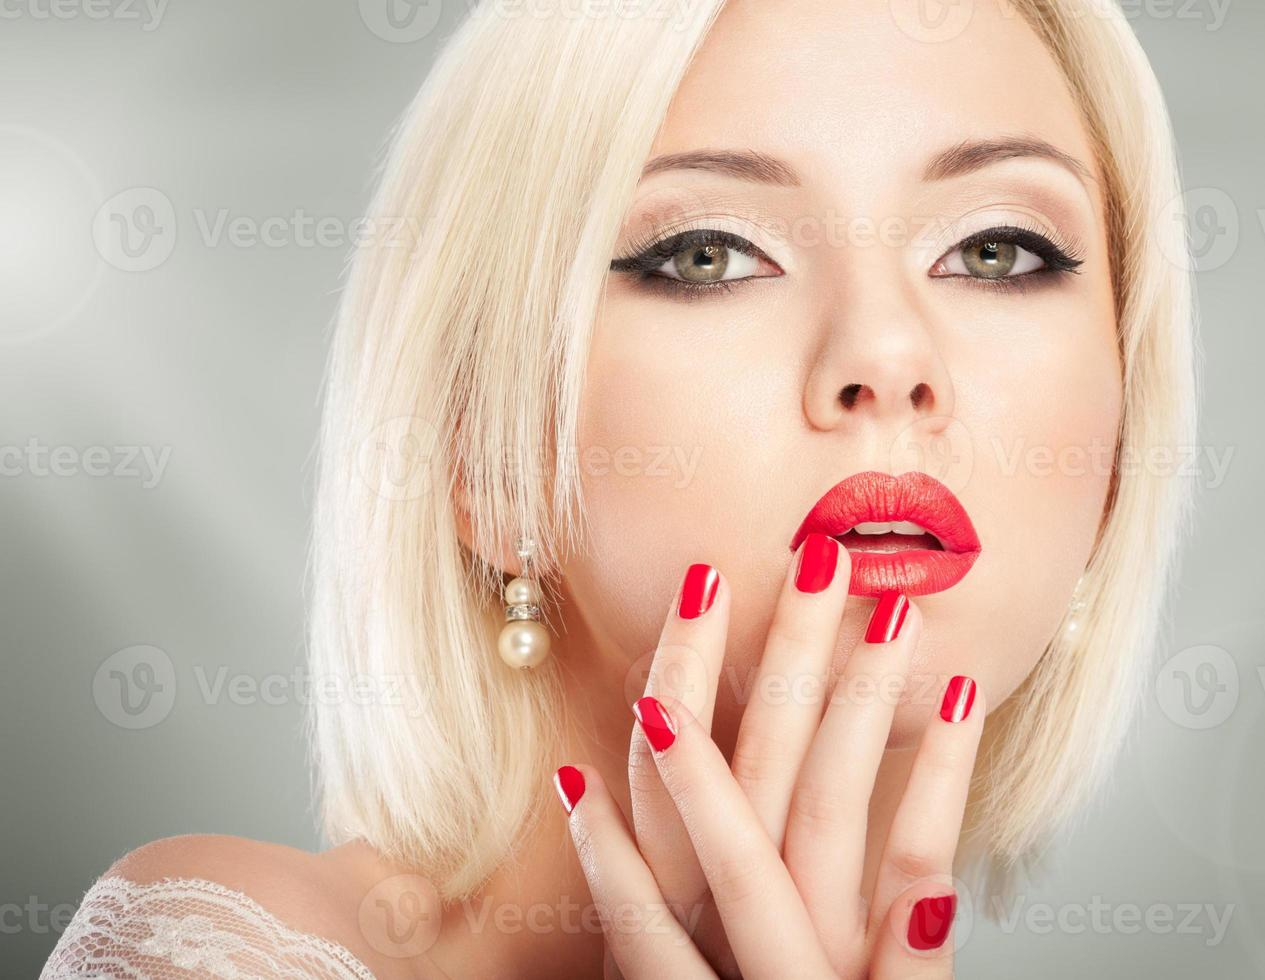 visage de femme blonde photo